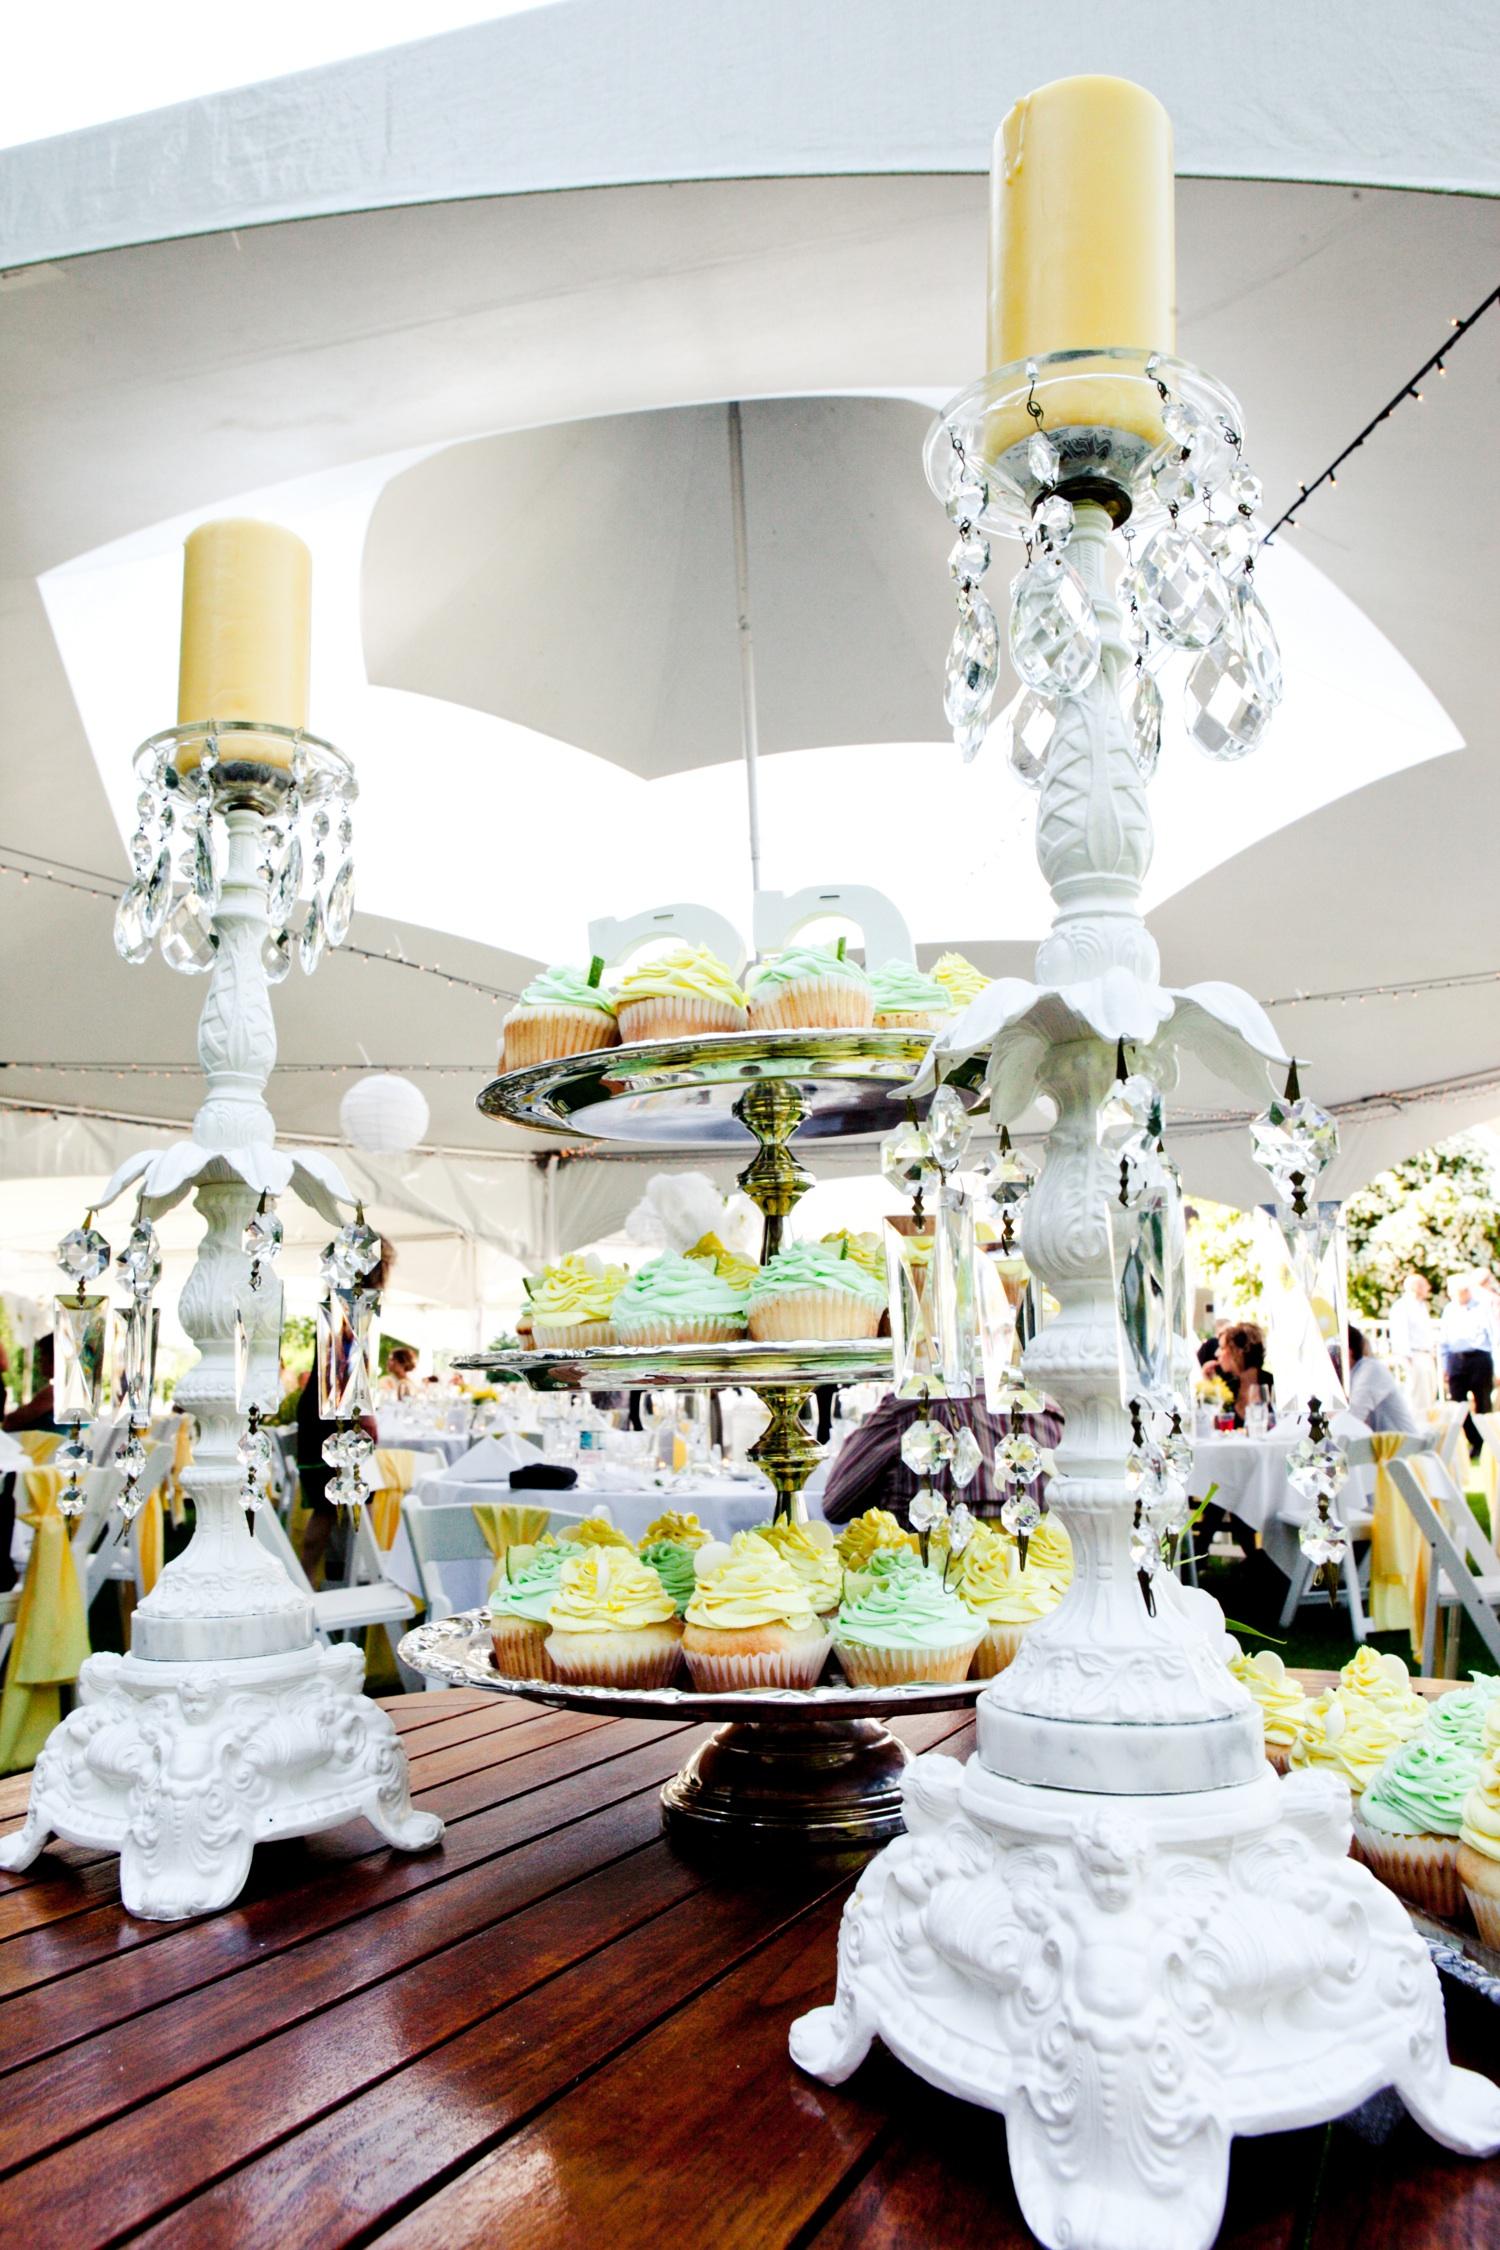 triyae com u003d casual backyard wedding decoration ideas various